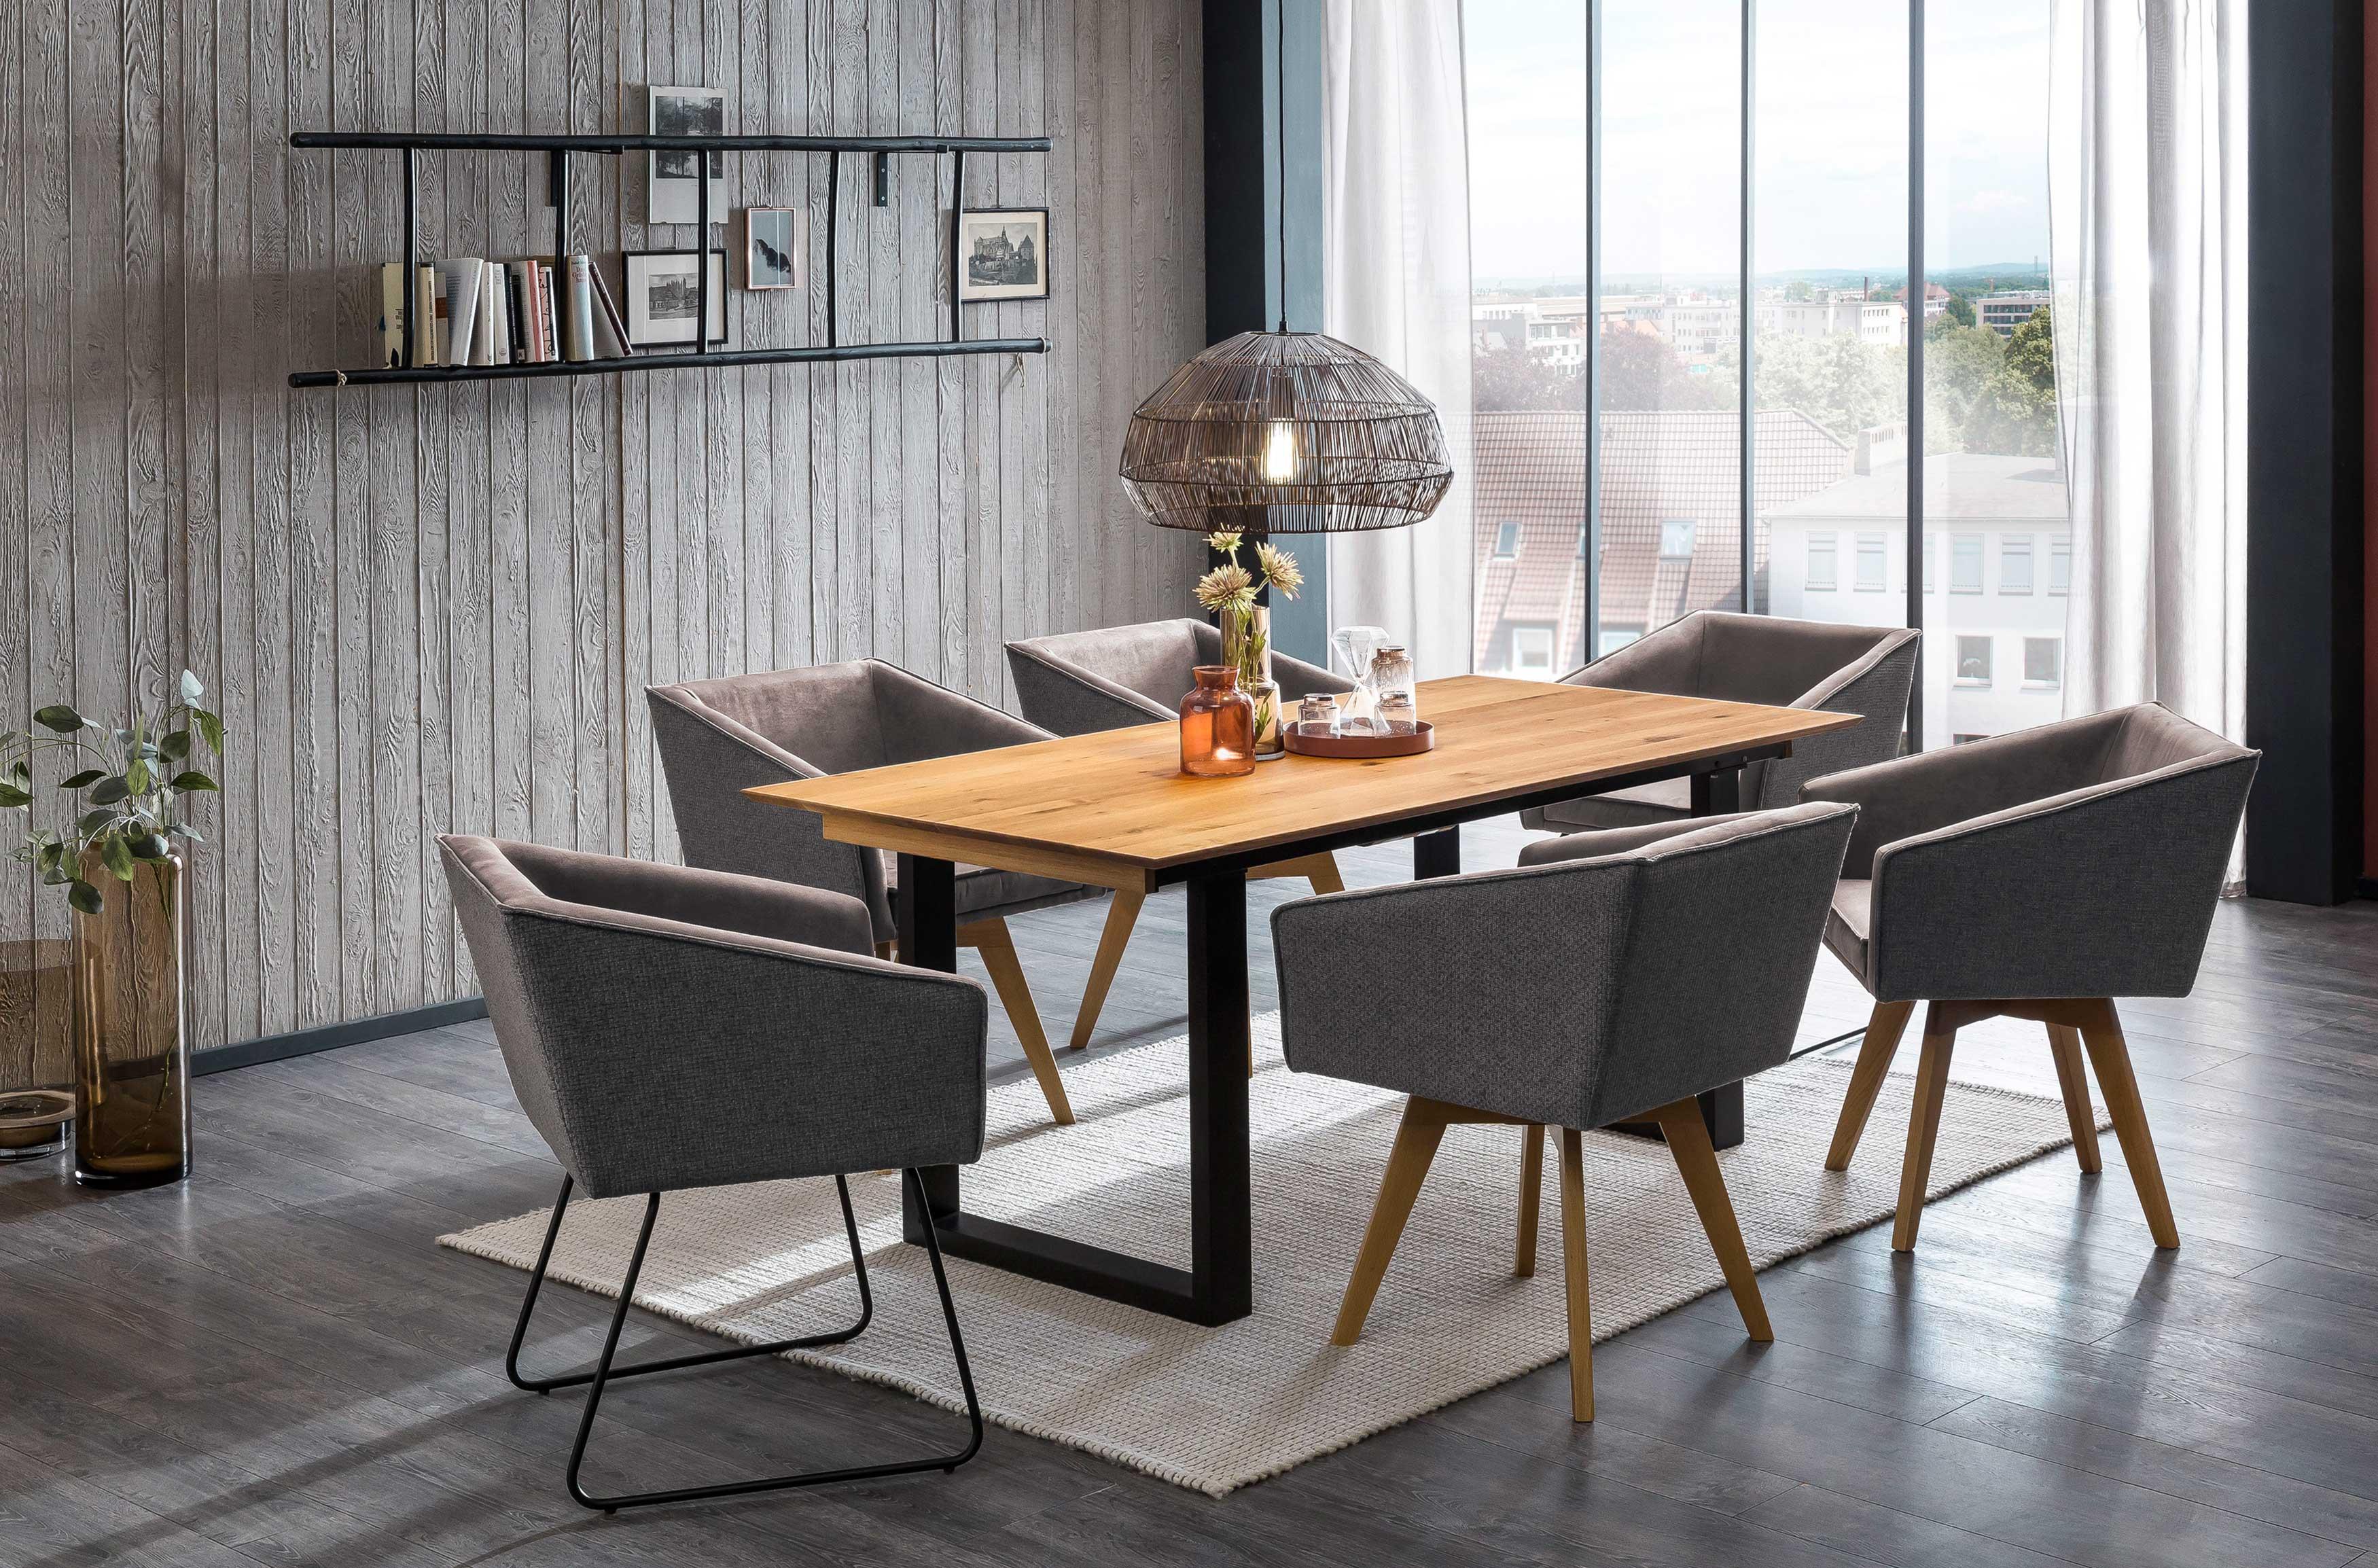 Standard Furniture moderne Essgruppe mit Stuhlsessel Toulouse